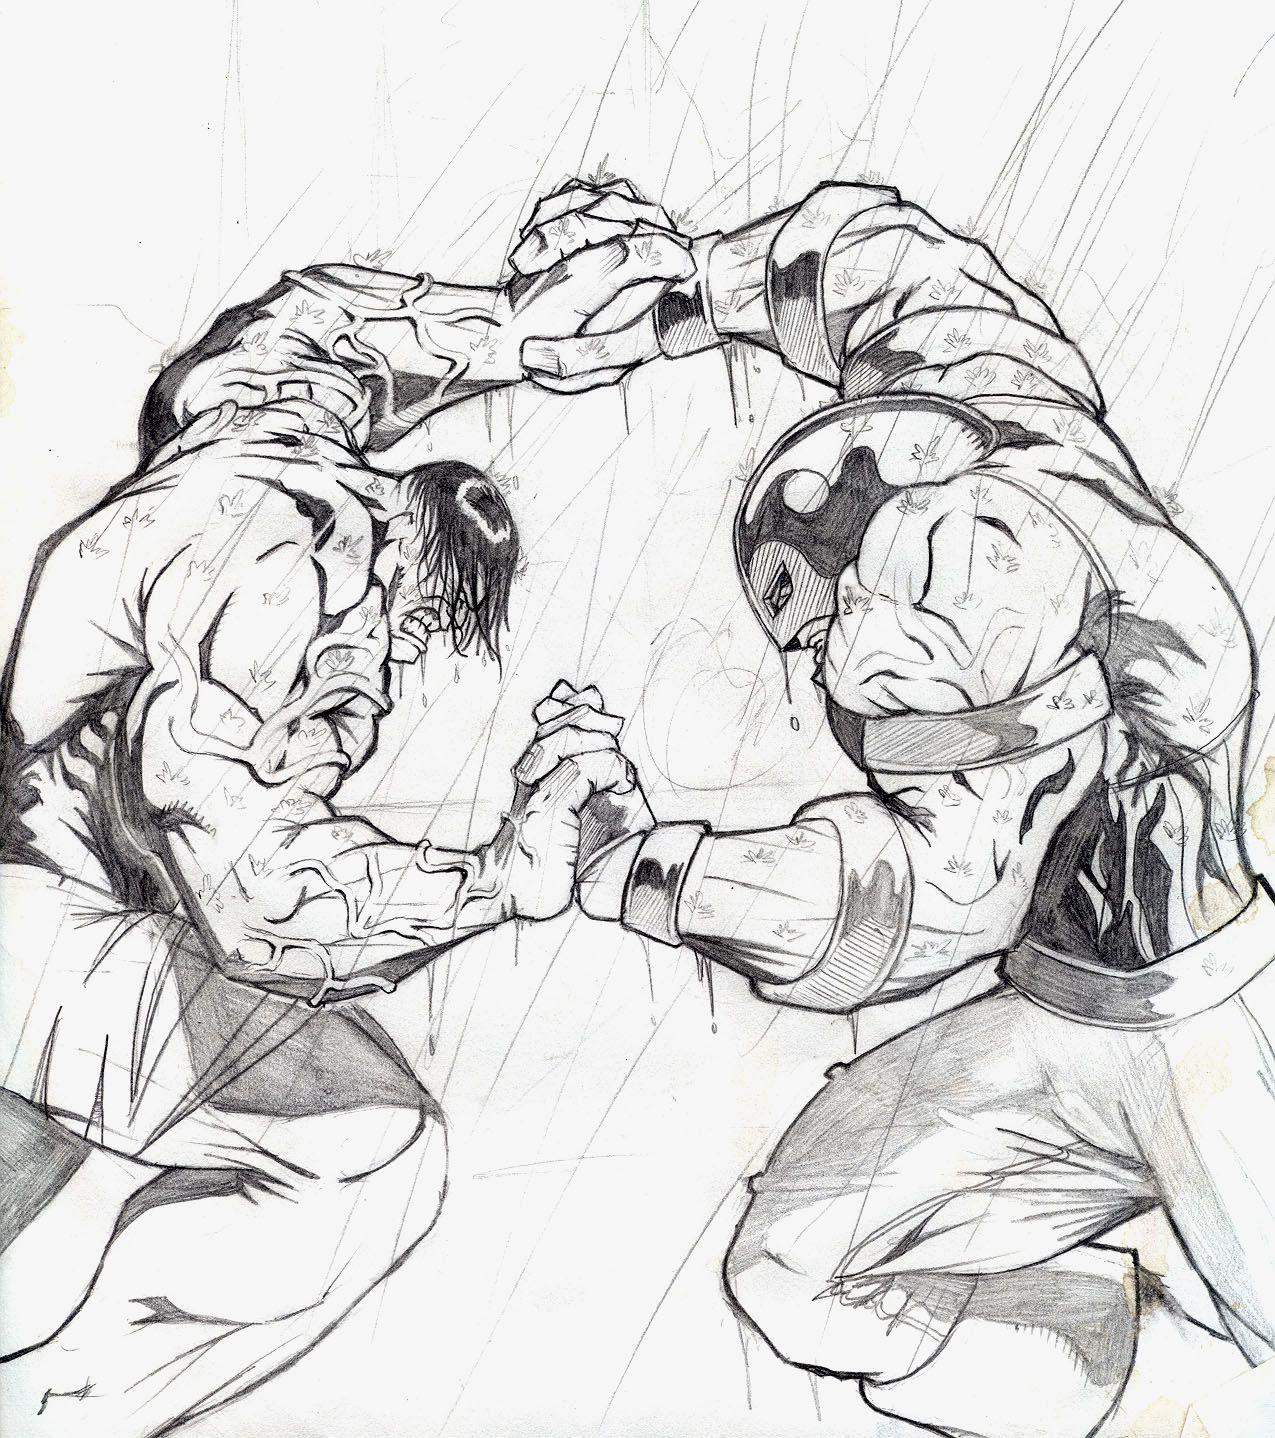 Hulk V Juggernaut 1st Pencils By Evaklear Hulk Art Hulk Marvel Marvel Fight